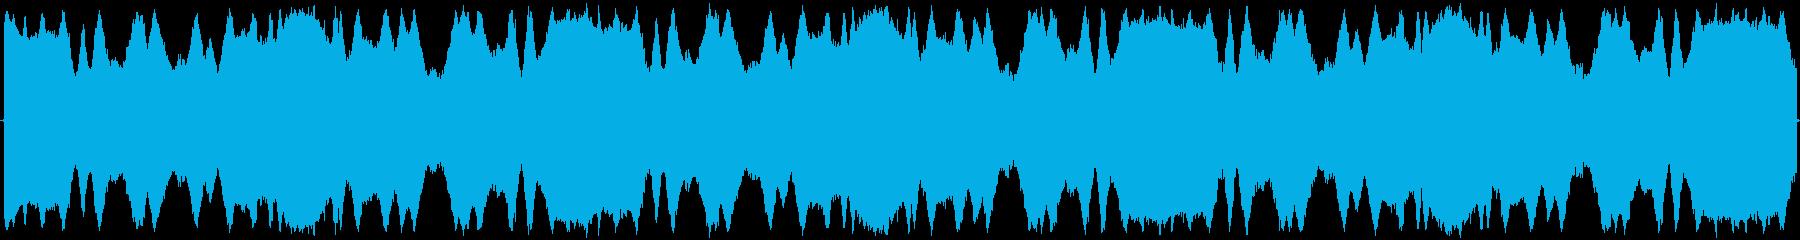 パトカーのサイレンの再生済みの波形